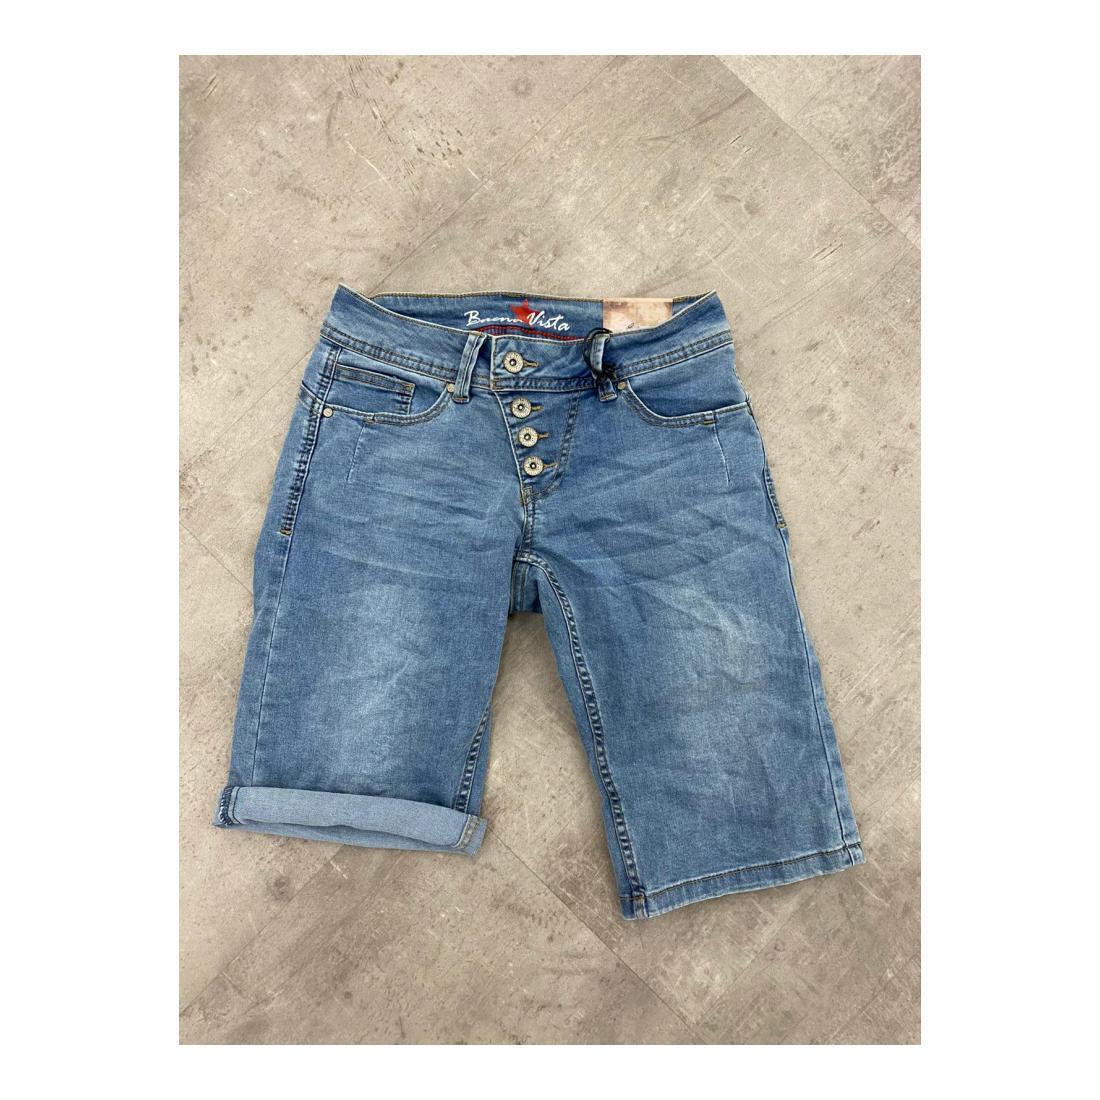 Buena Vista Bermuda/Shorts Damen Malibu-Short stretch deni